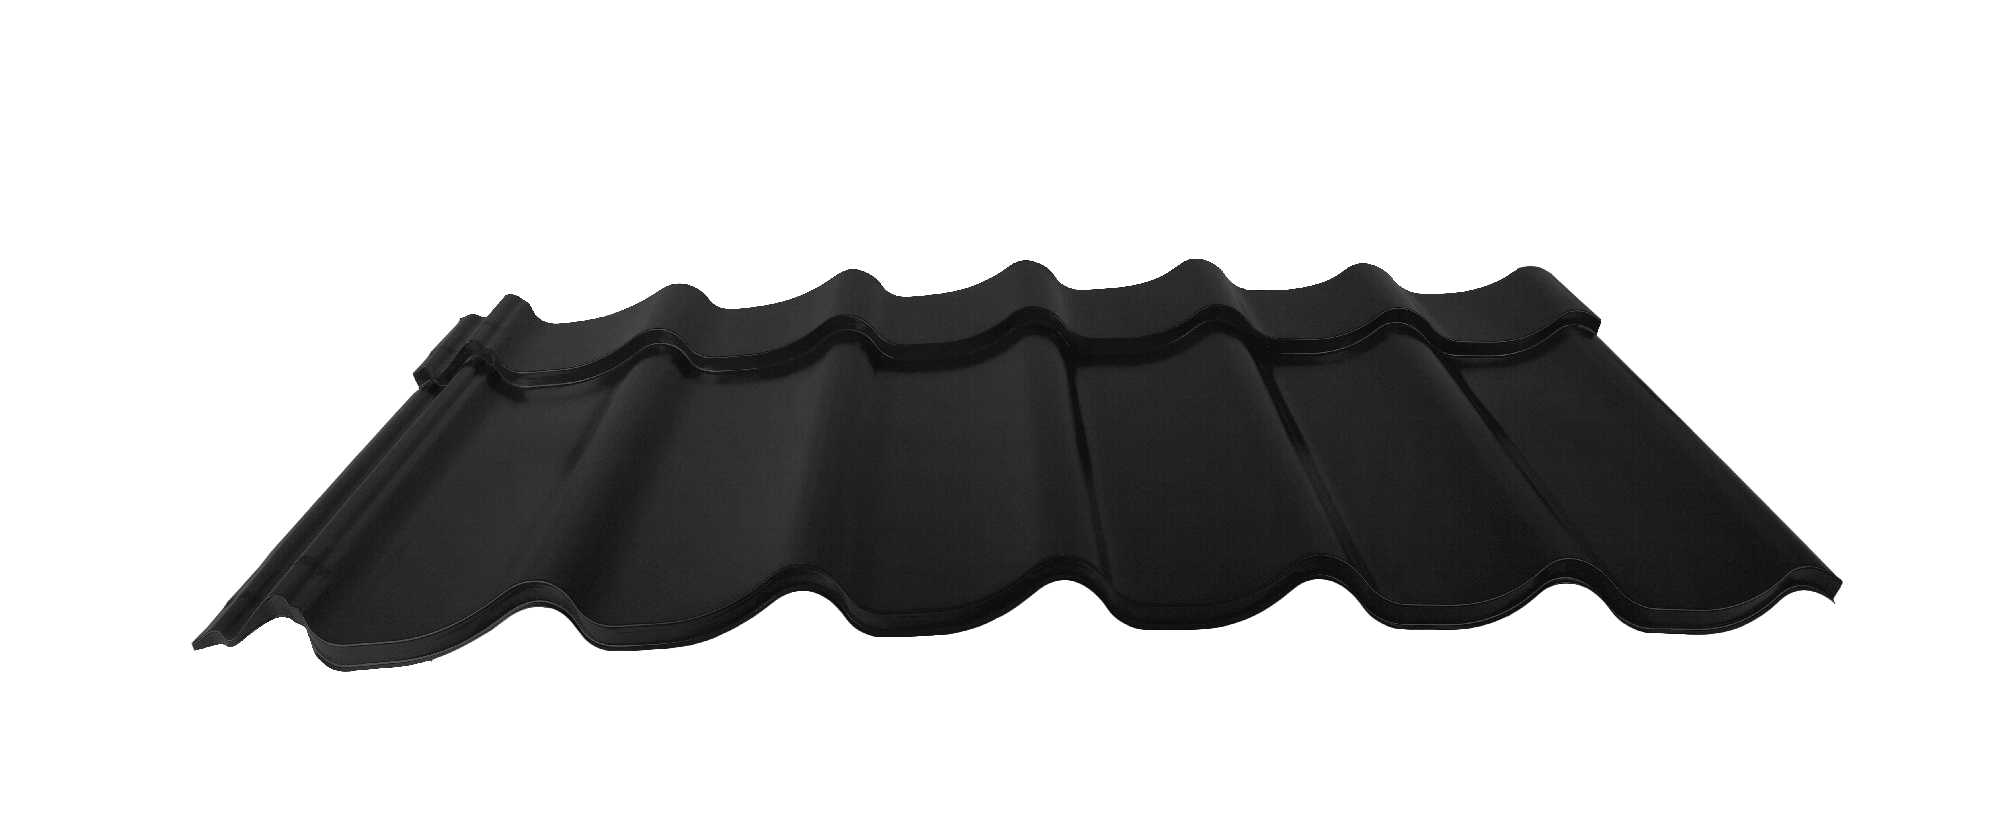 Velkoformátová profilovaná plechová střešní krytina MAXIDEK PU50max MN131 černá